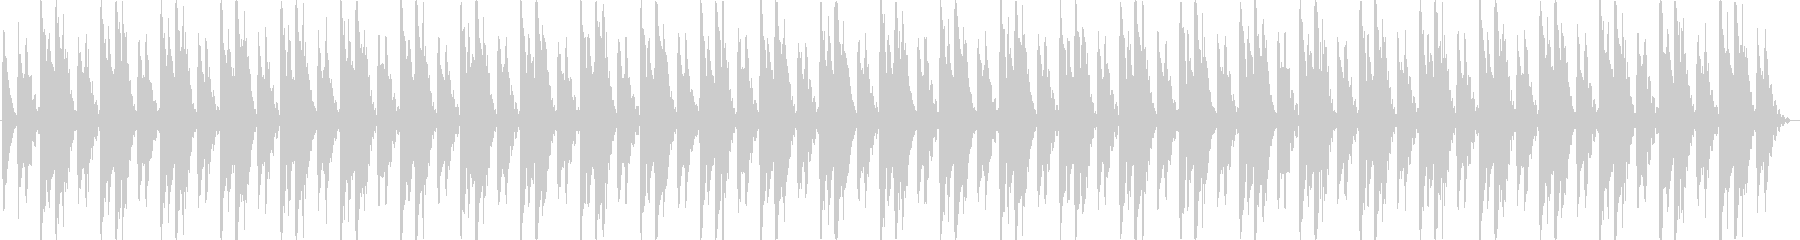 シーケンス 面白いシンセシーケンス03の未再生の波形